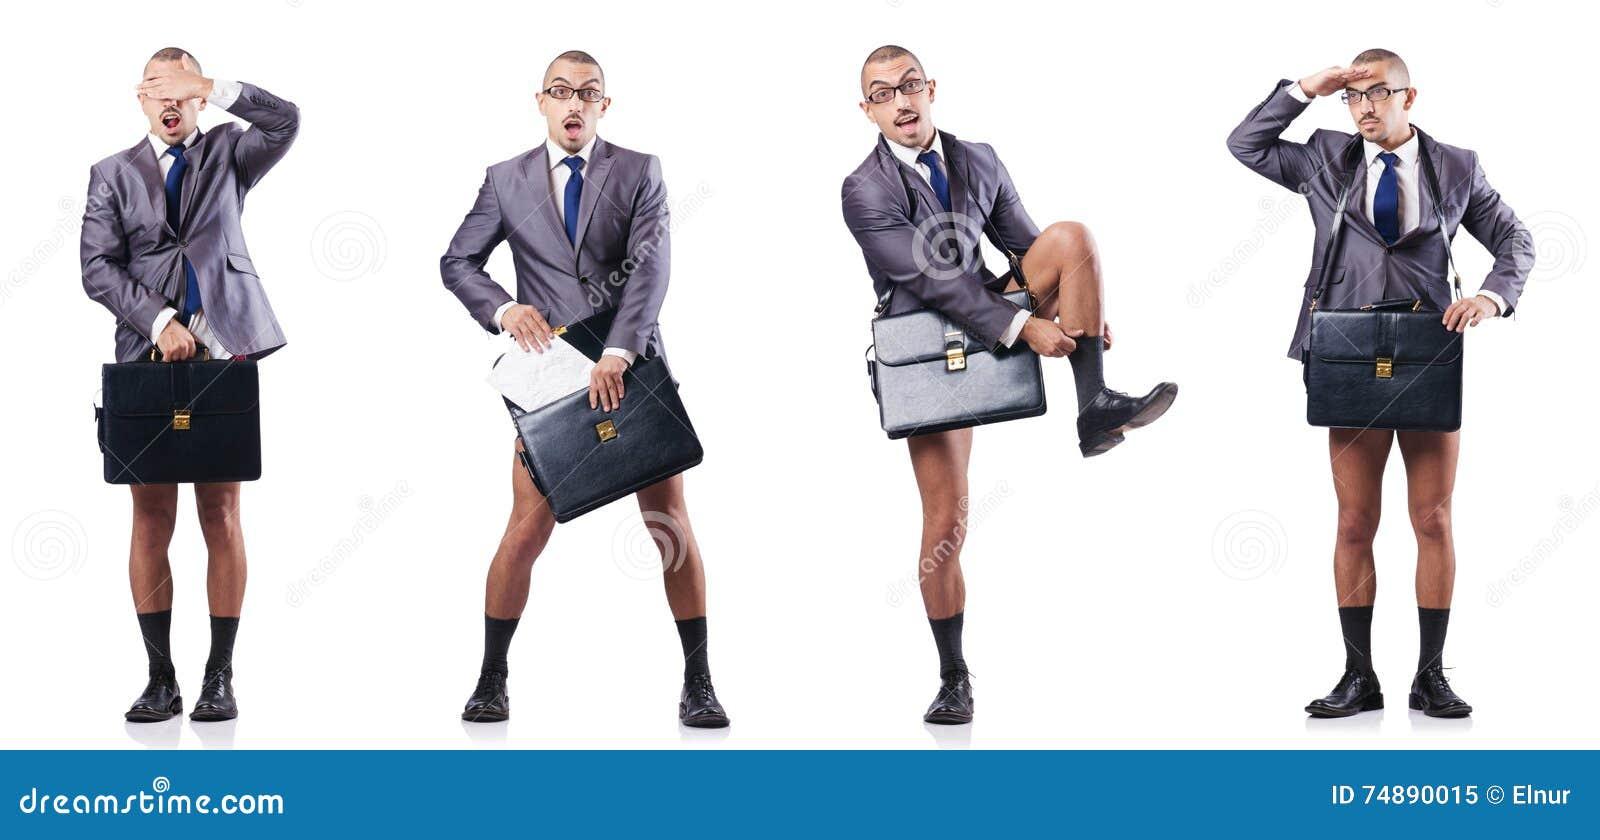 A foto composta do homem de negócios despido no branco